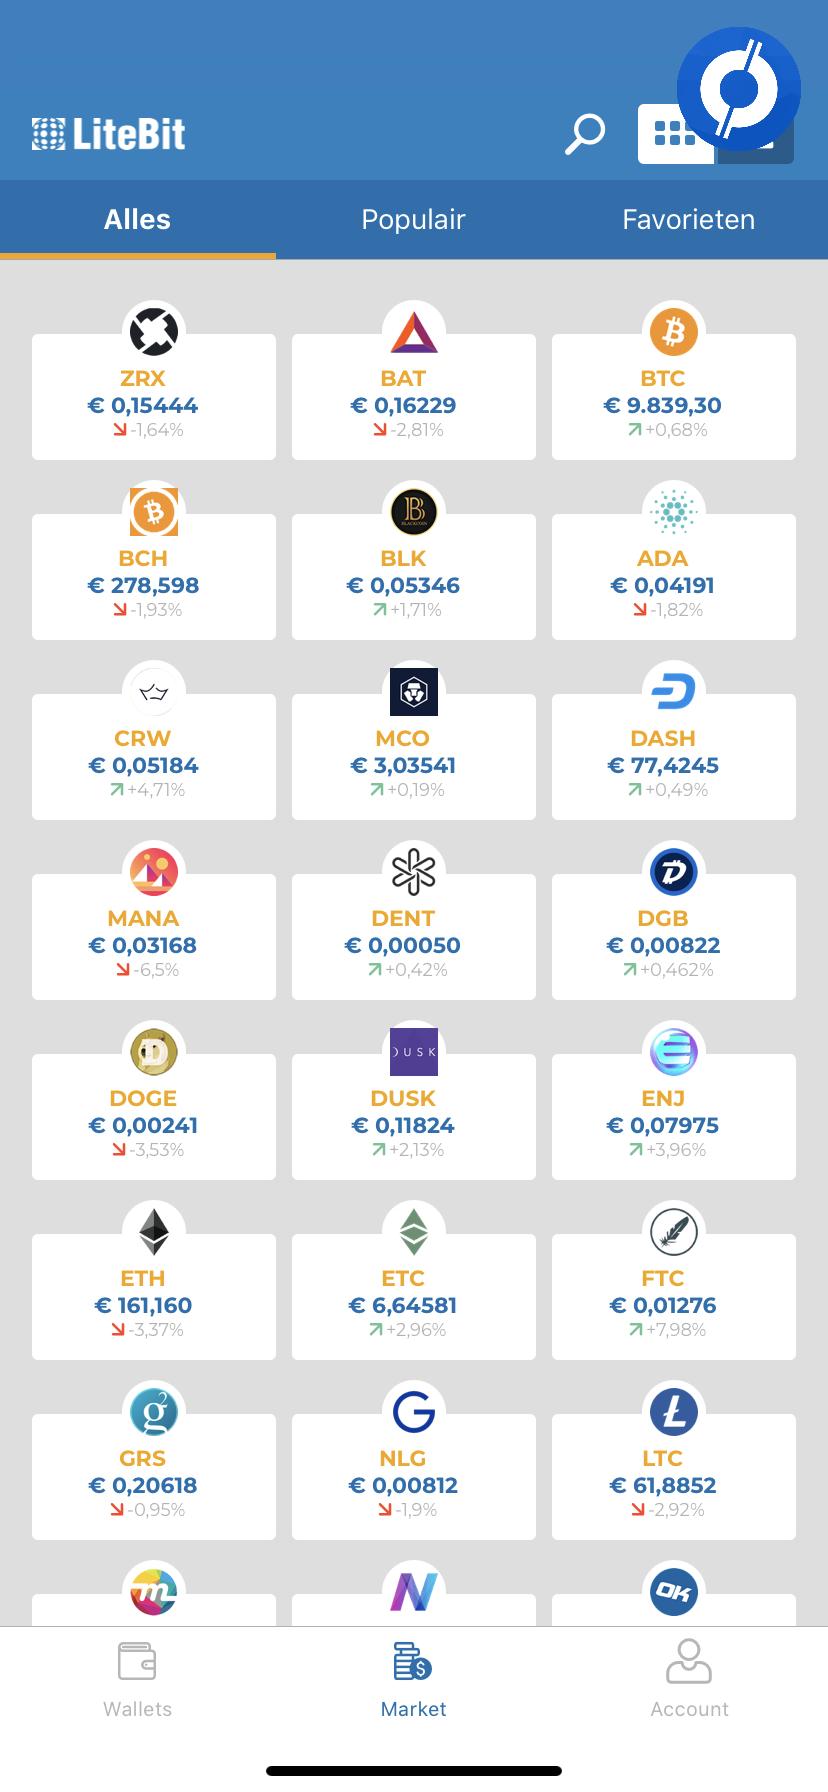 LiteBit app Market overview with cryptocurrencies